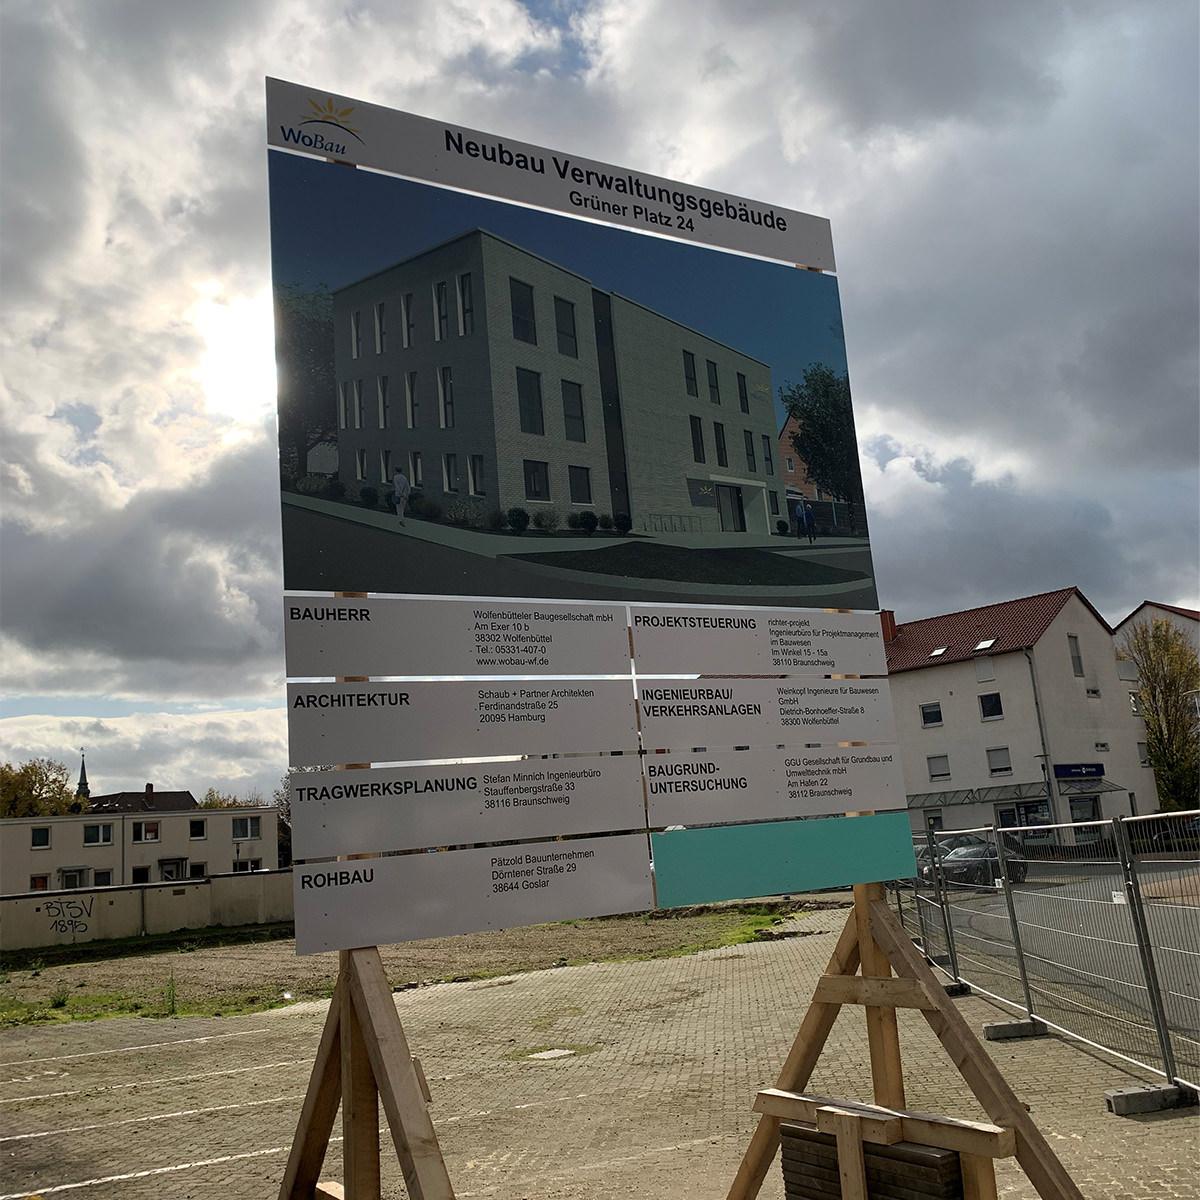 Bauschild Neubau Verwaltungsgebäude Grüner Platz 24